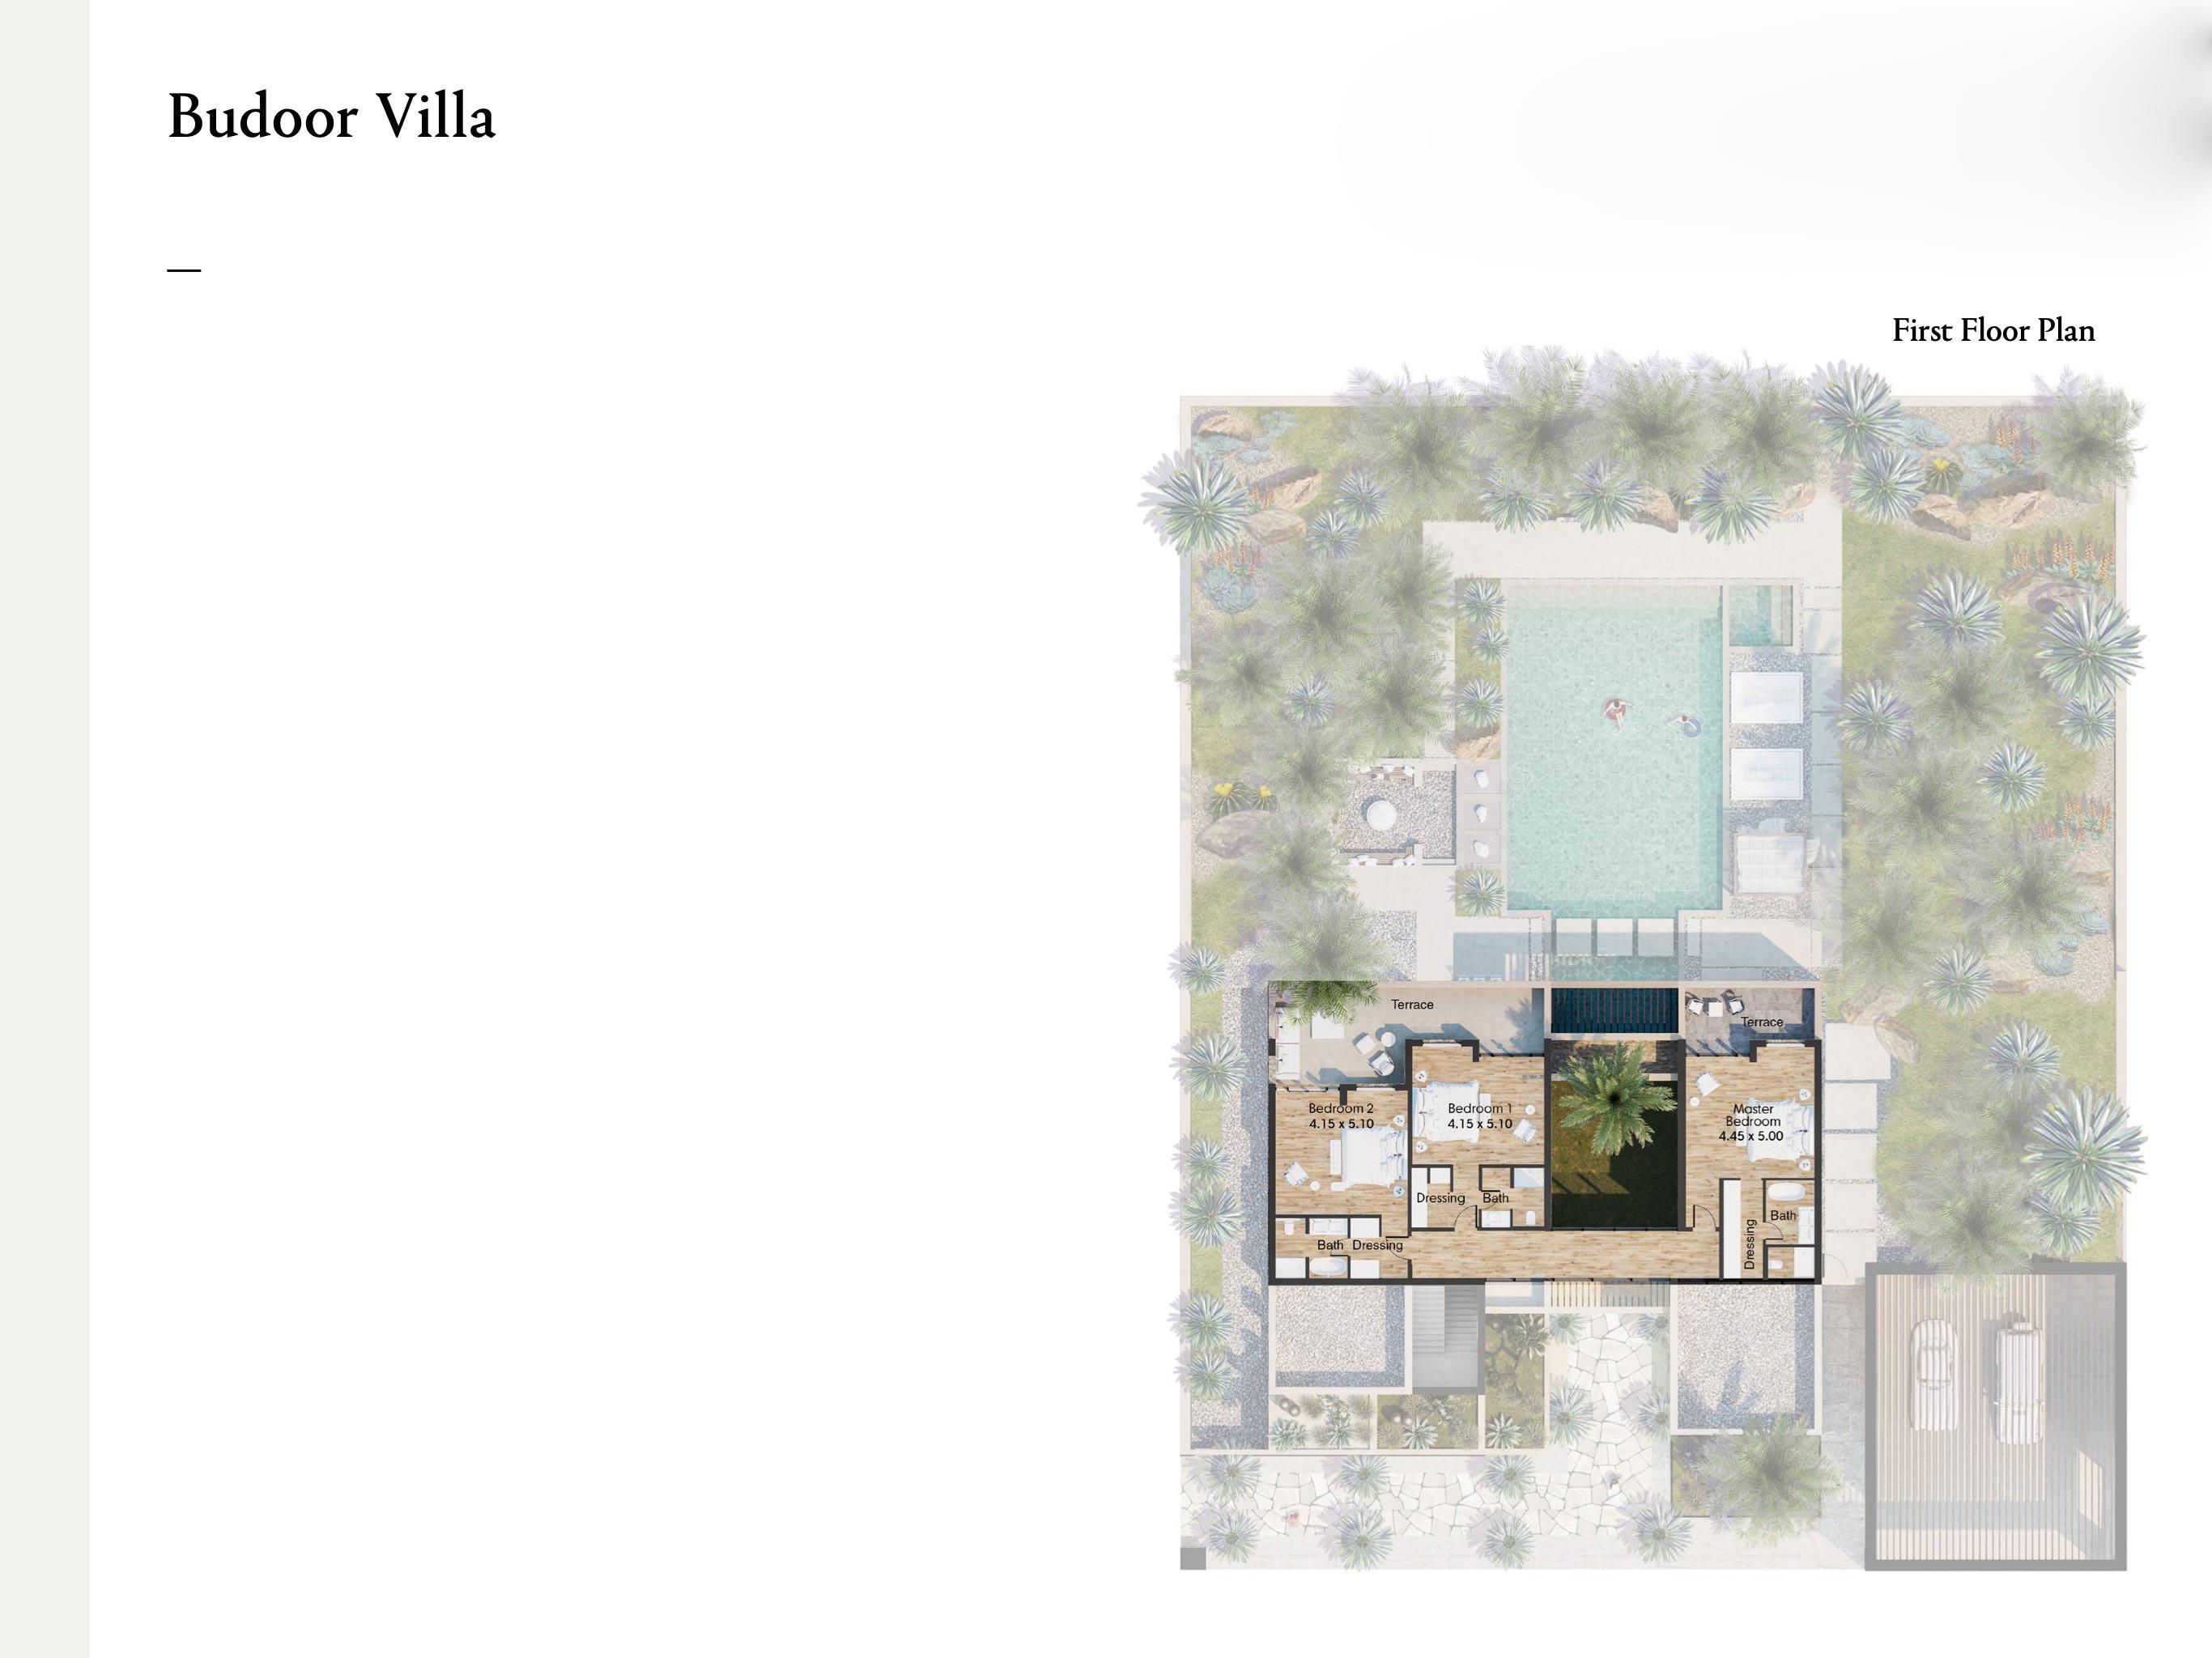 Budoor Villa - 5 Bedroom villas with a size area of 635 sqm